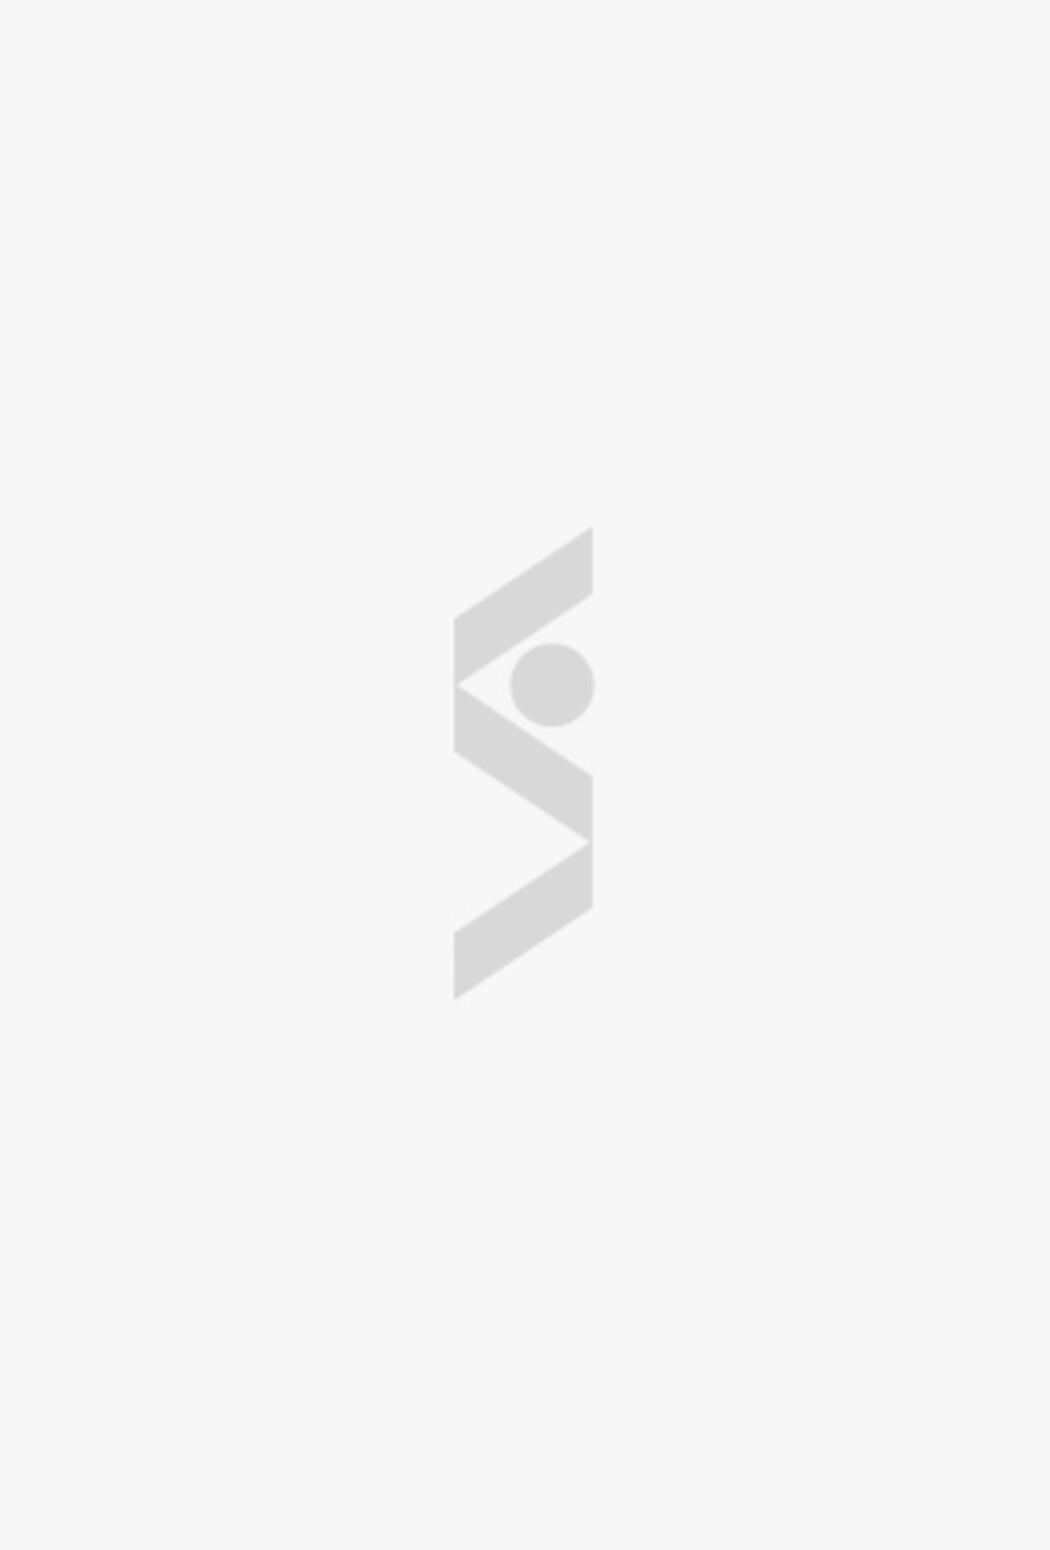 Кожаные кеды без шнуровки Lauren Ralph Lauren - купить, цена 5380 ₽ в Москве в интернет-магазине СТОКМАНН BAFC85AF-910D-4DEB-A33F-6FEB126D97E3